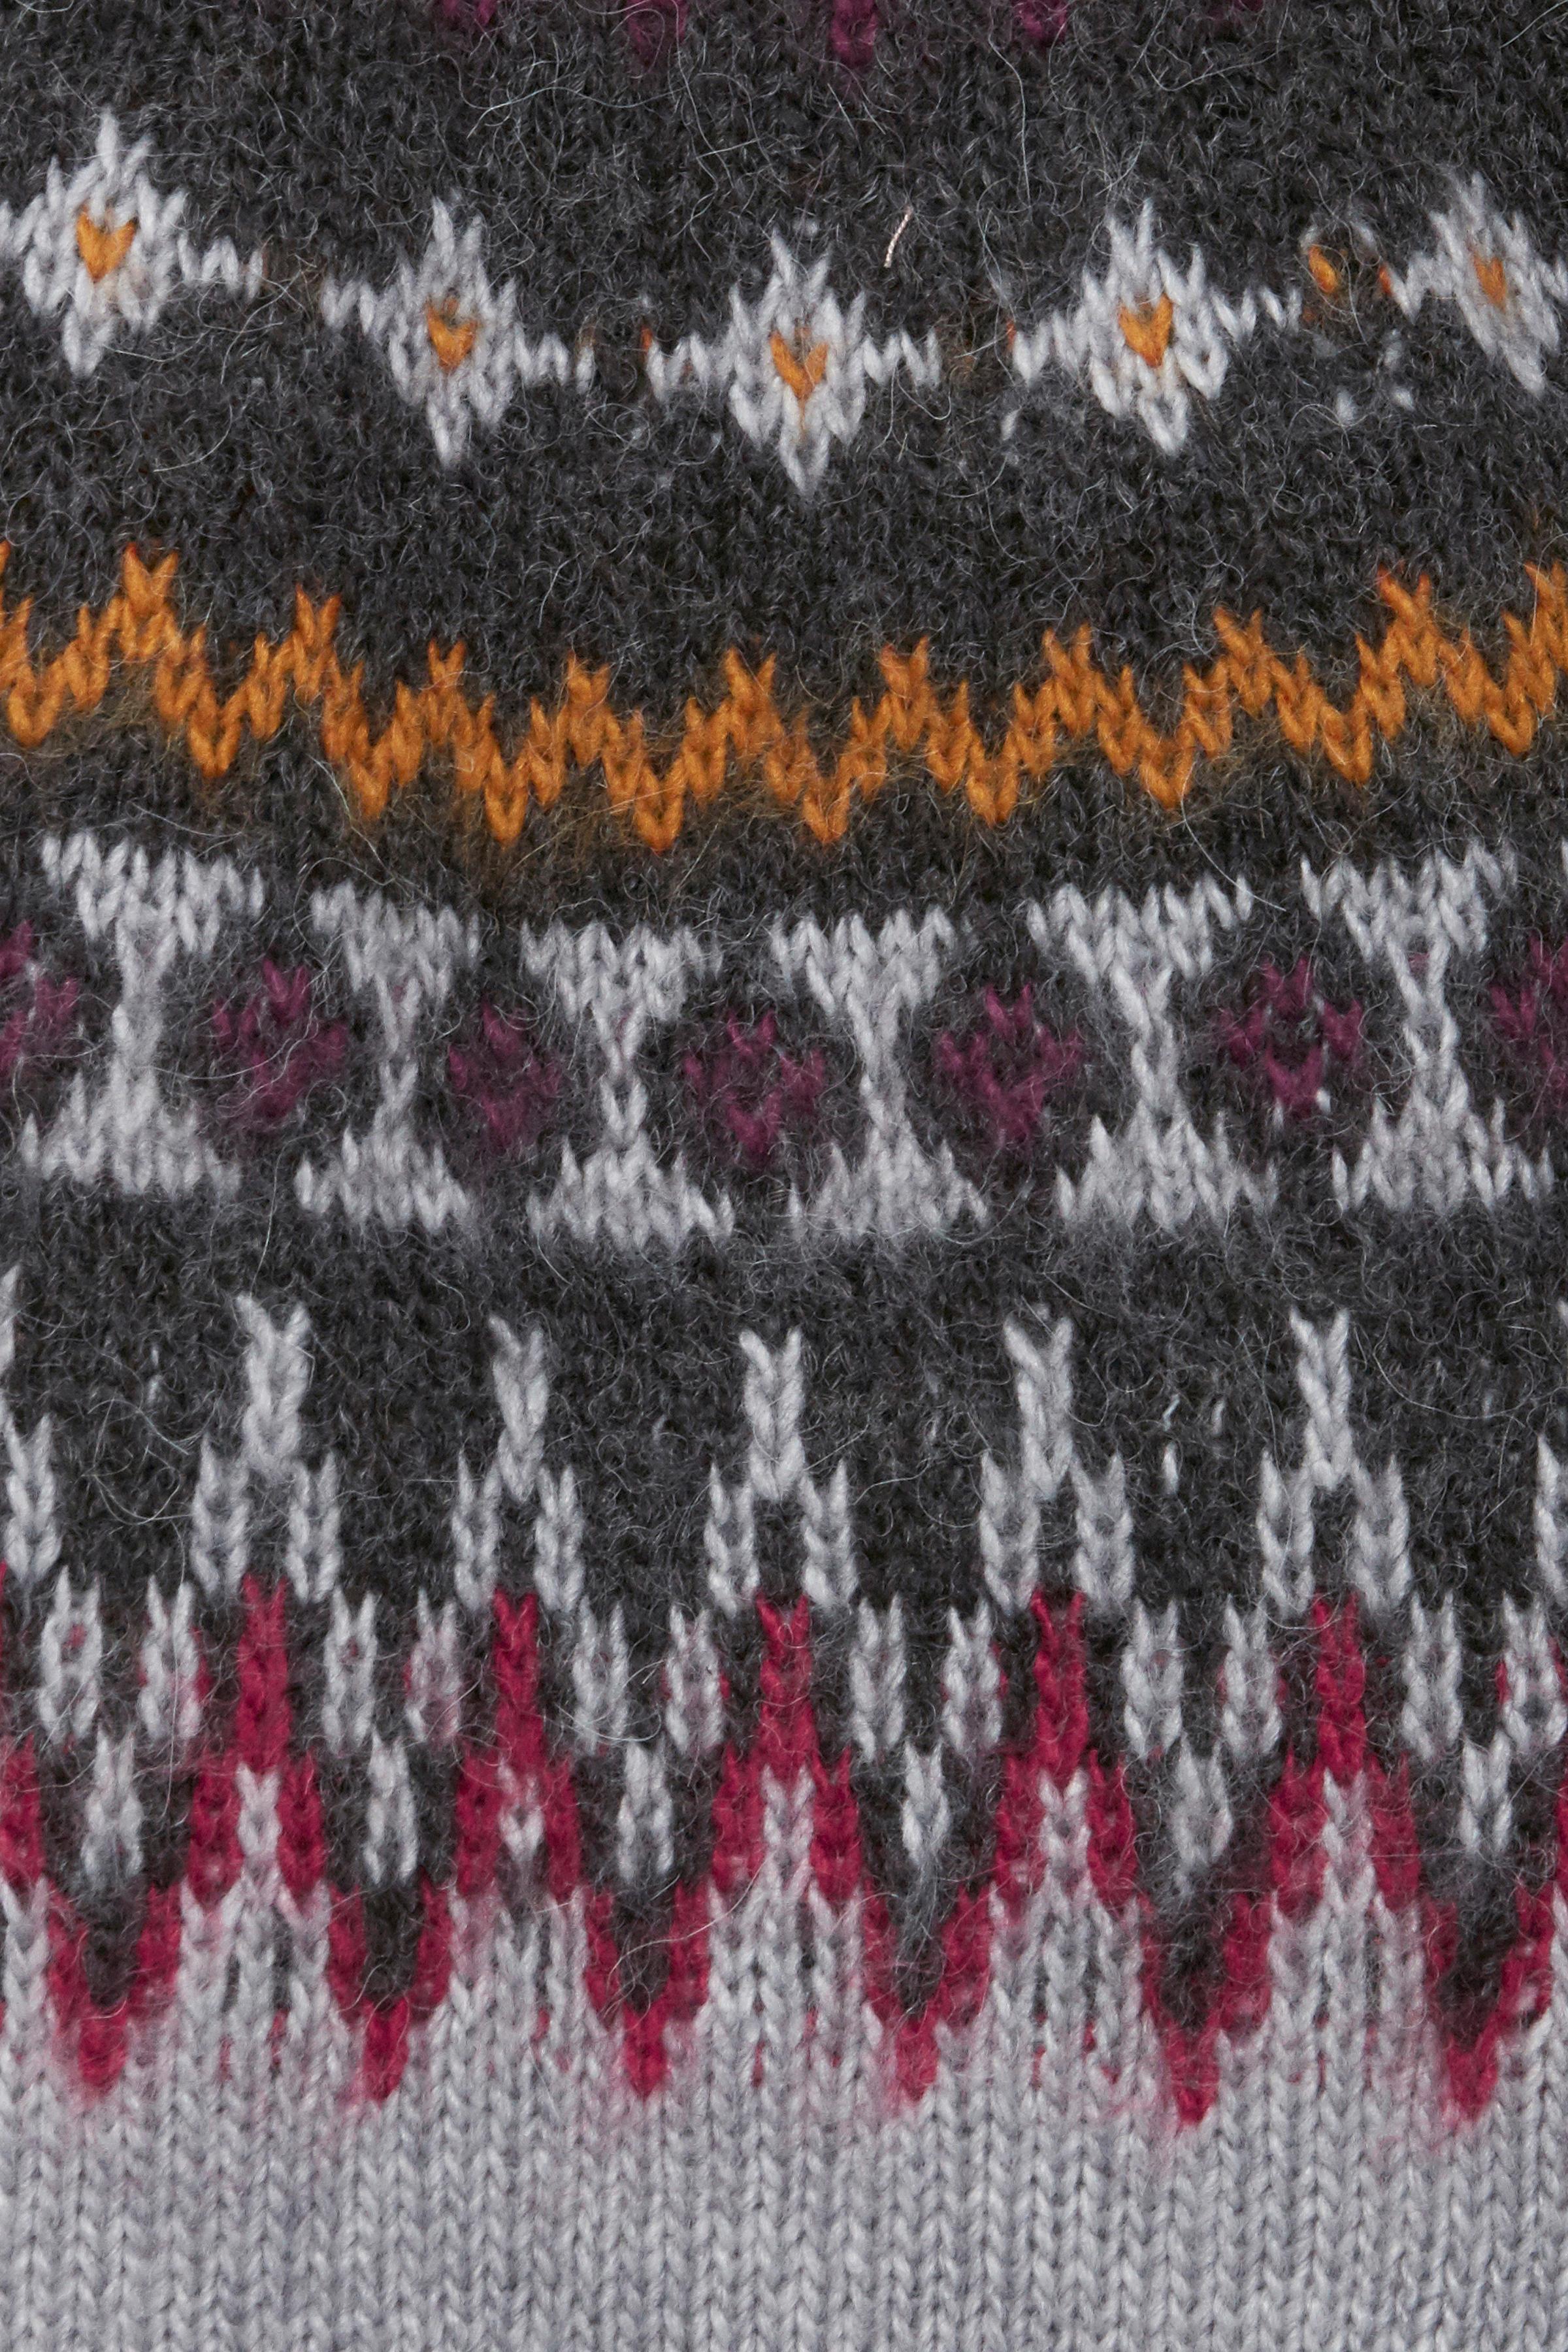 Lysegrå/mørkegrå Strikpullover fra Pulz Jeans – Køb Lysegrå/mørkegrå Strikpullover fra str. XS-XXL her